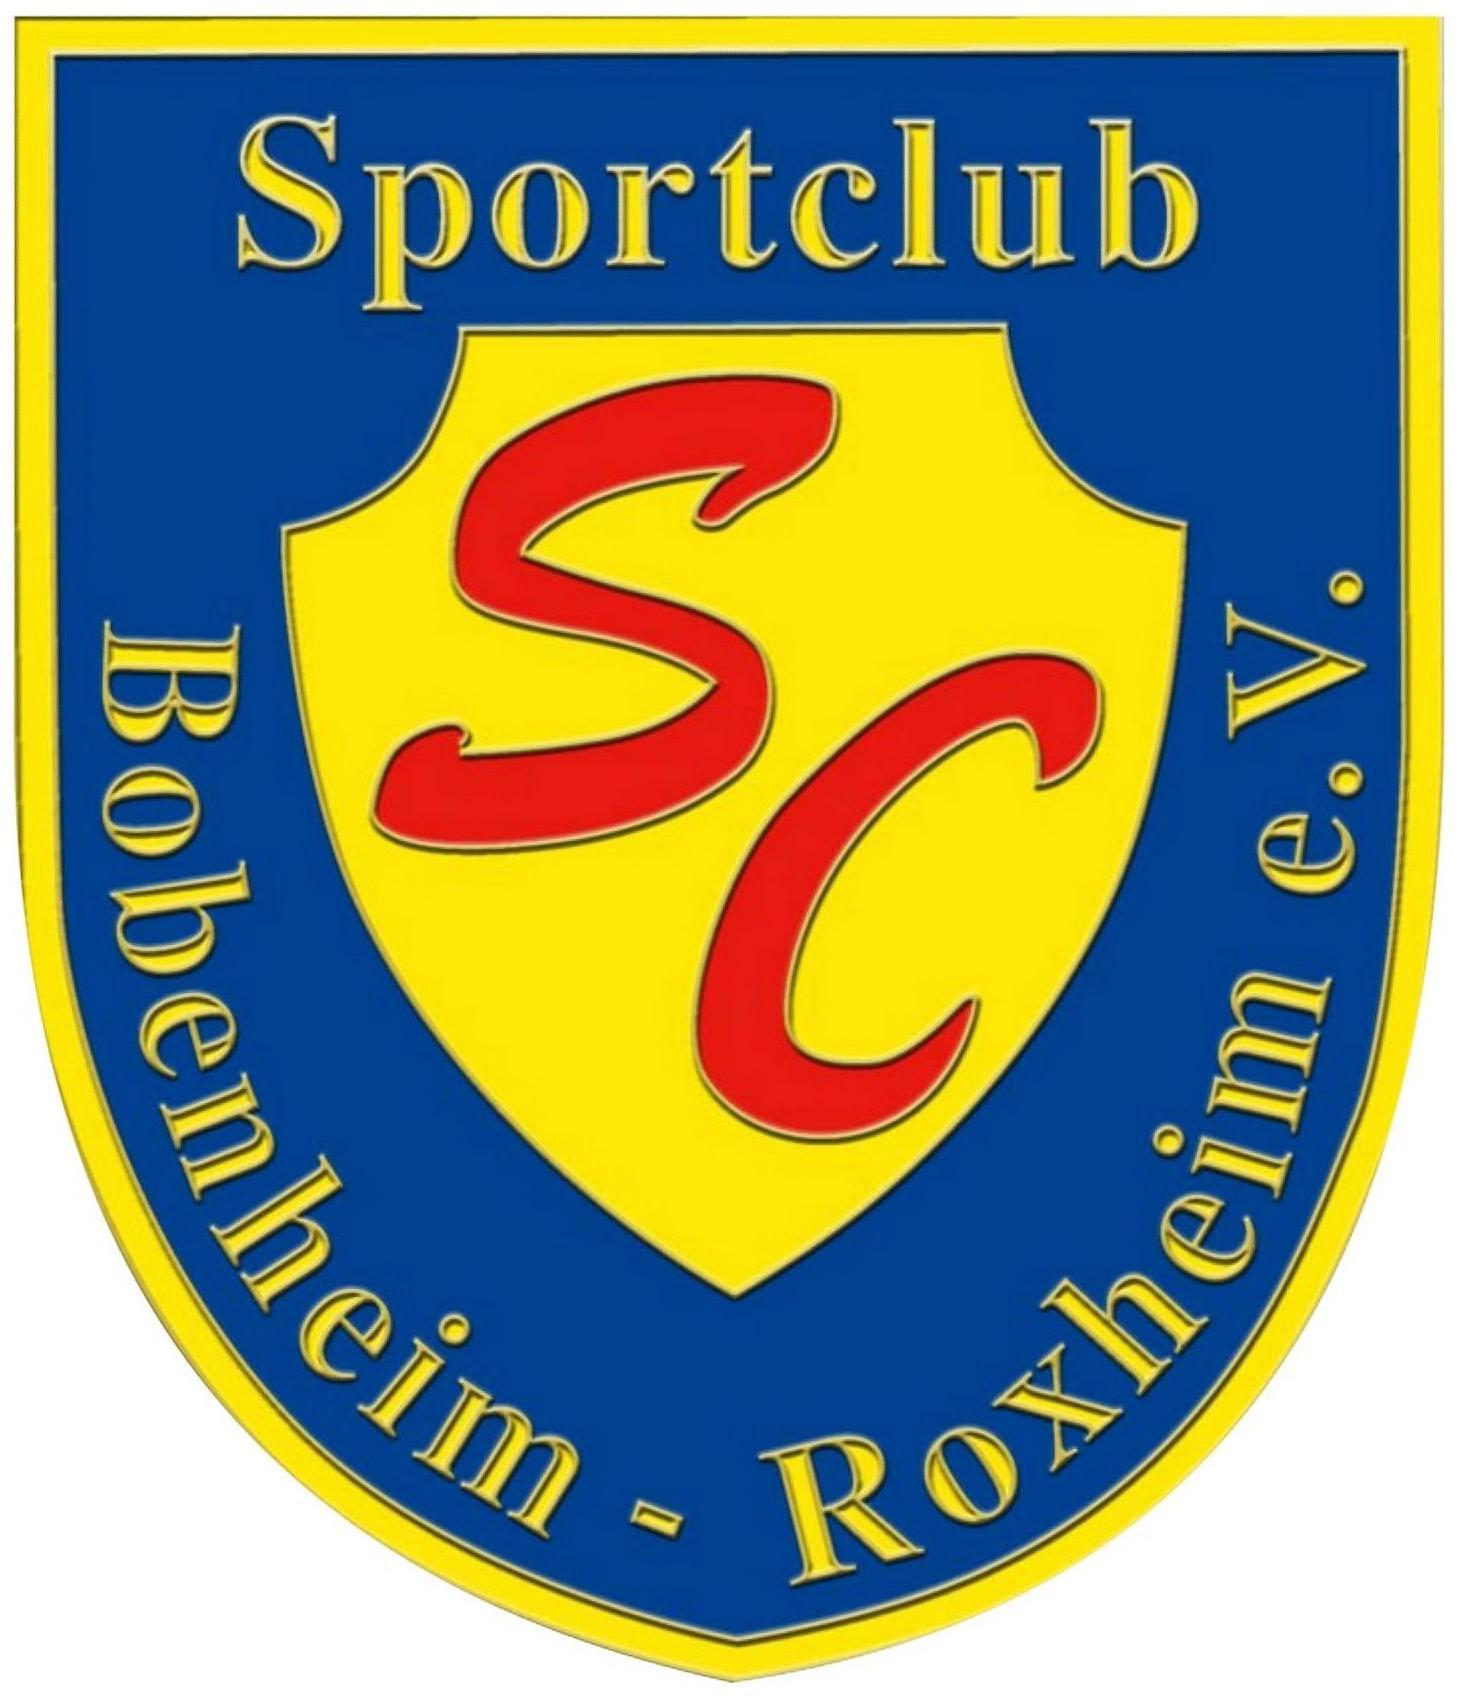 Sc Bobenheim-Roxheim